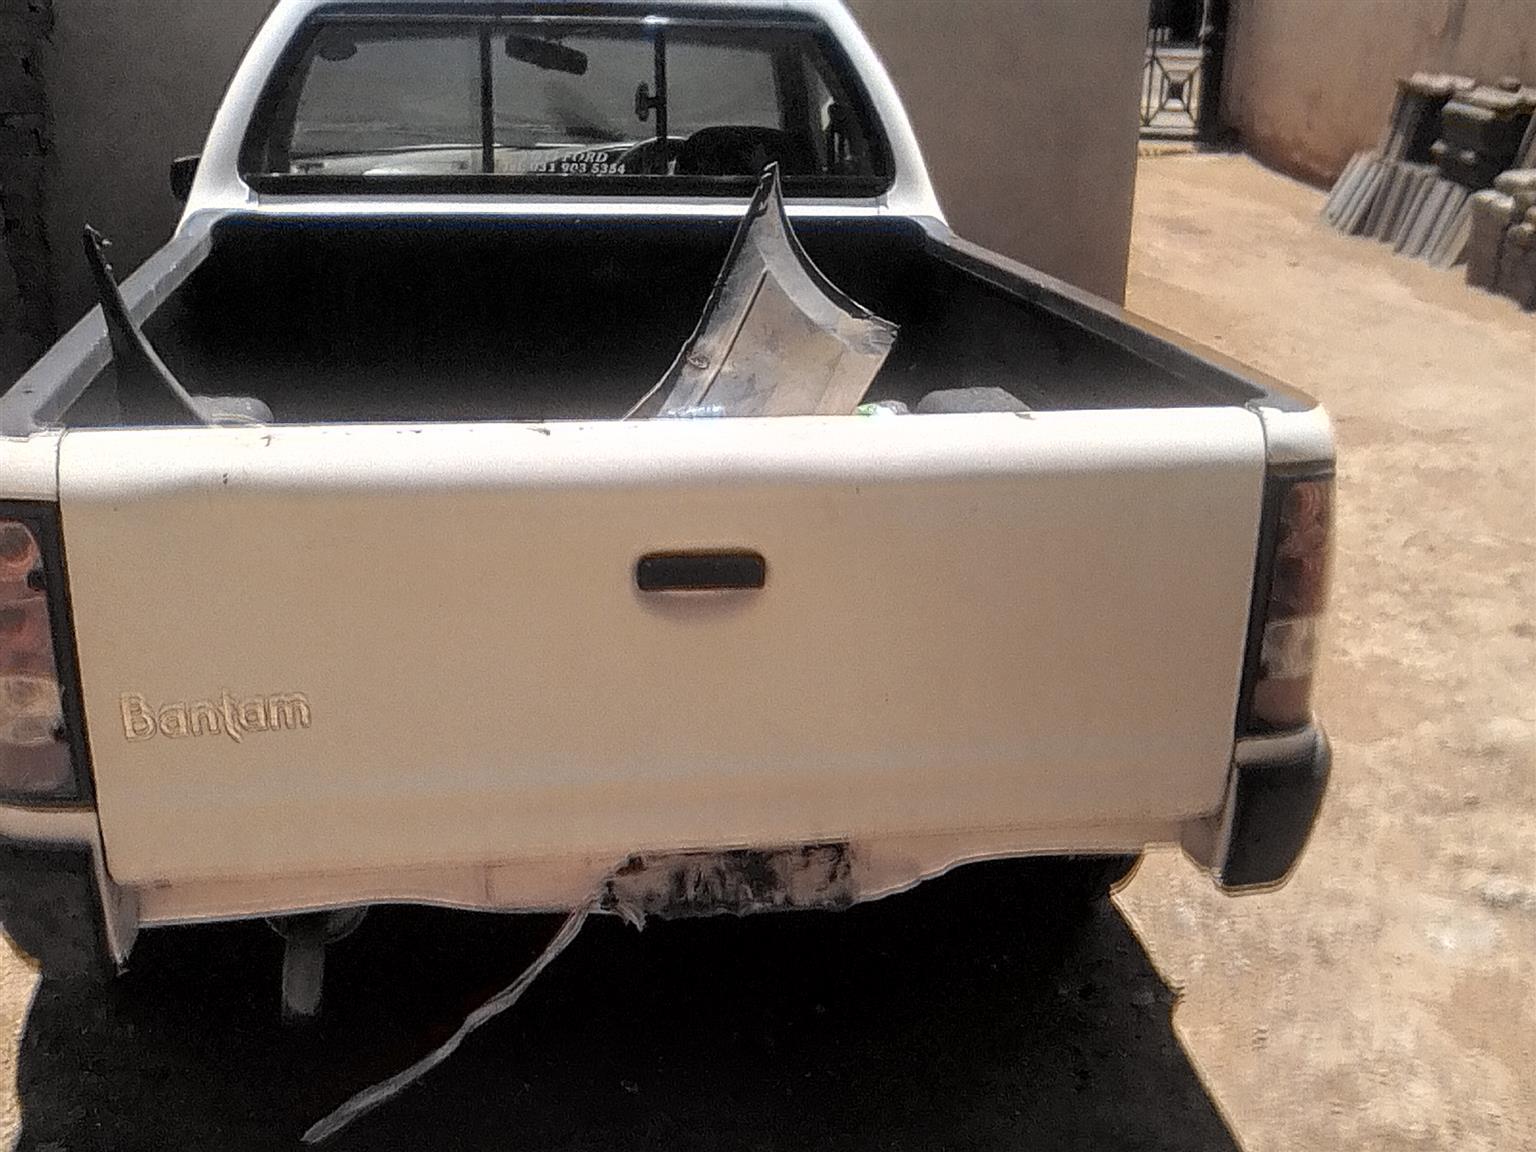 1995 Ford Bantam 1.6i XLT